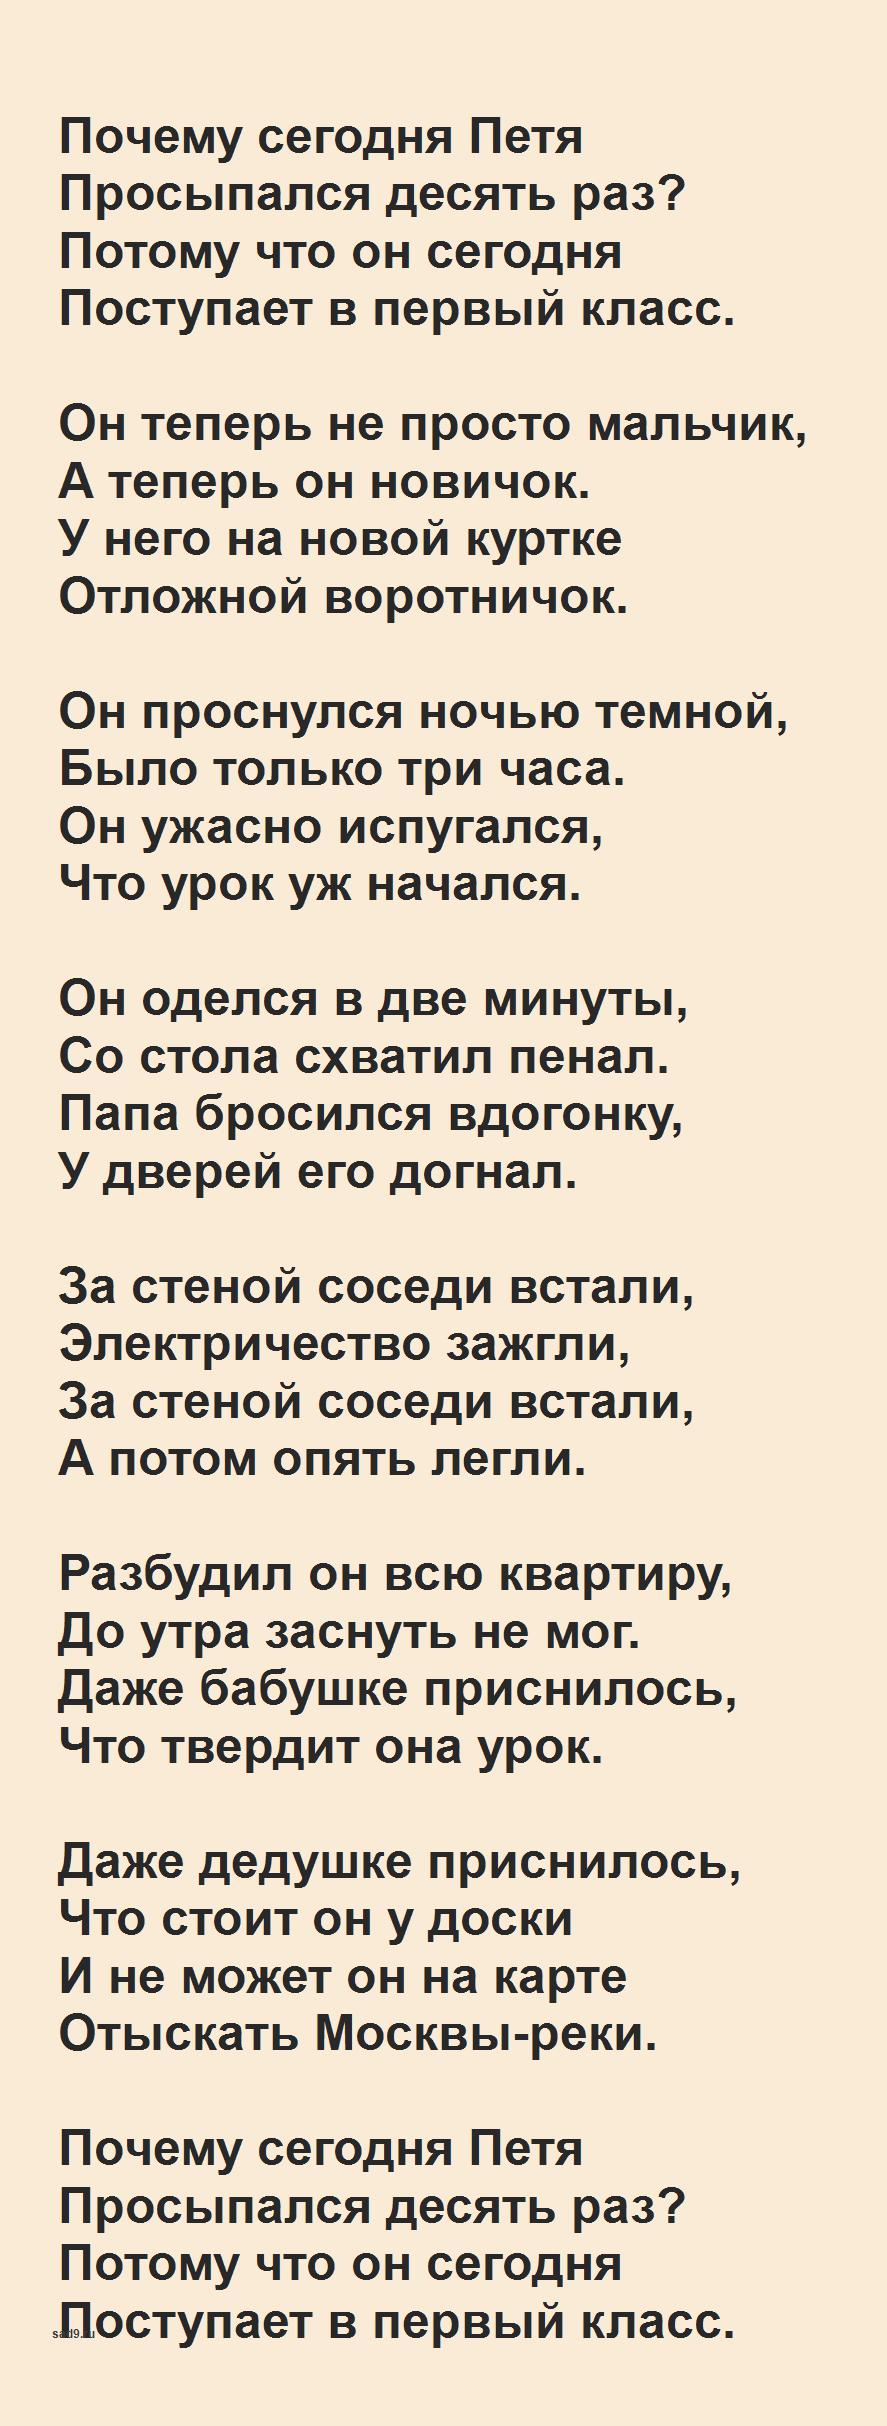 Агния Барто стихи для школьников - В школу